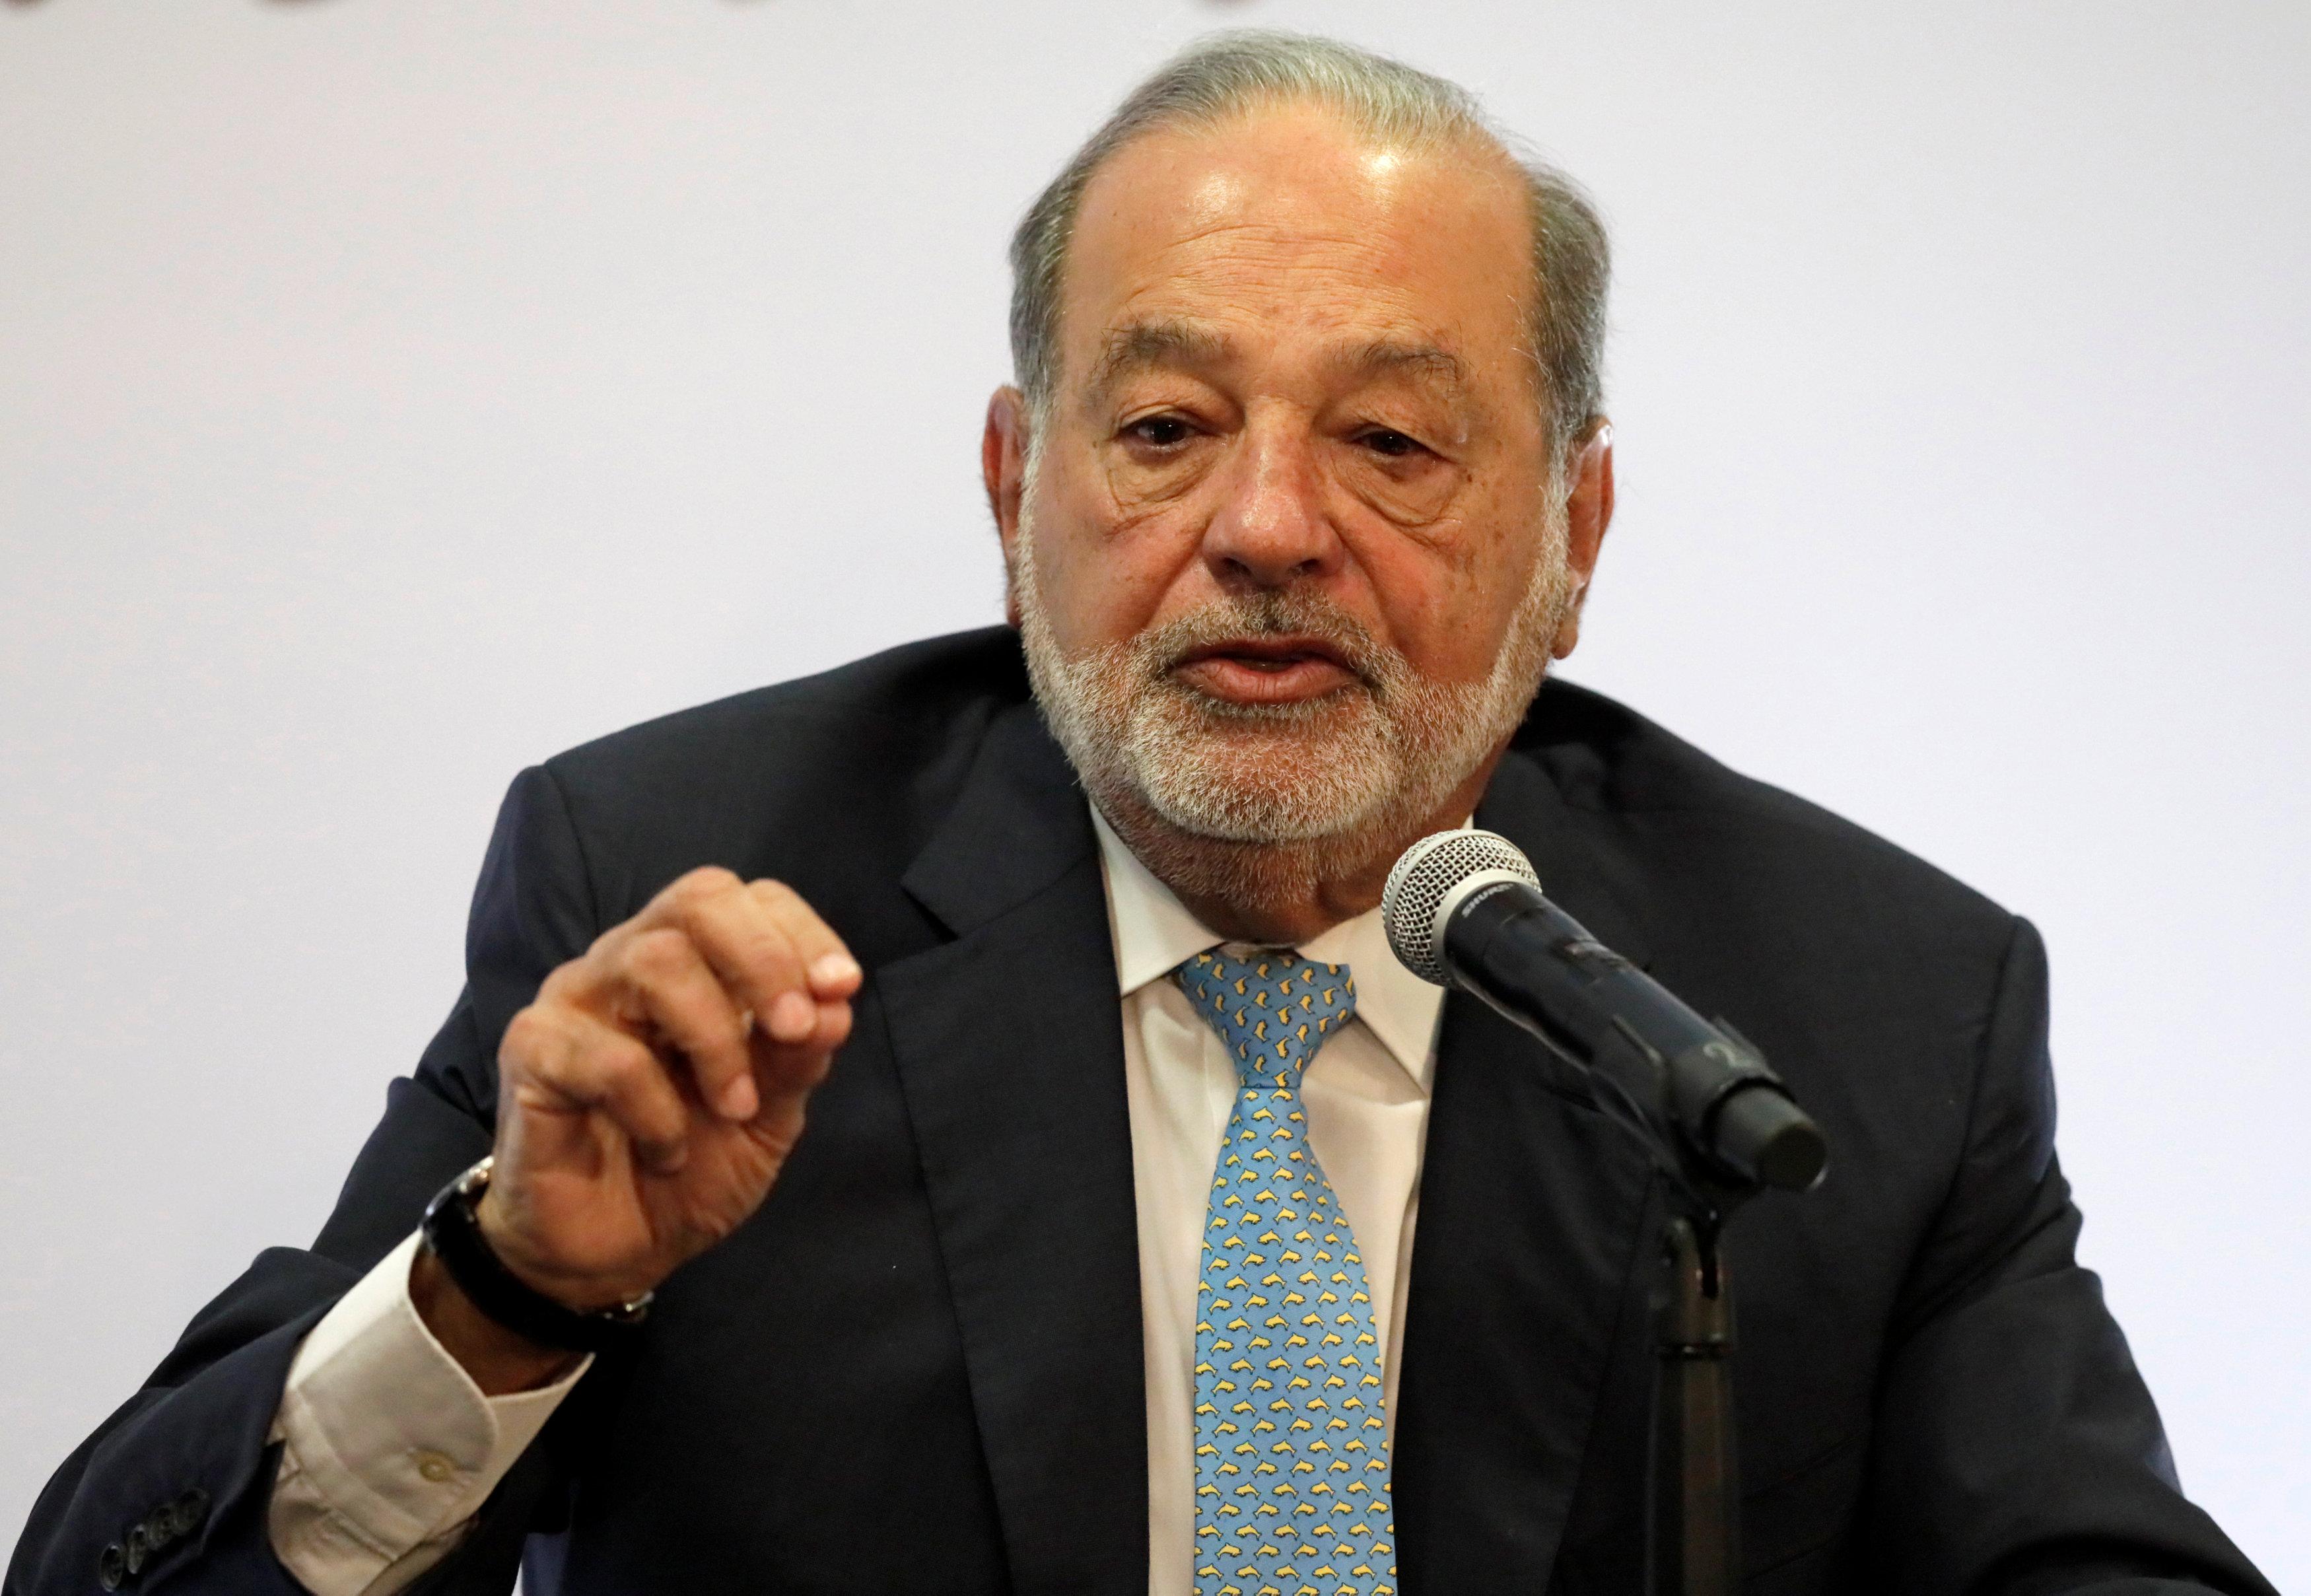 La empresa de Carlos Slim registró un aumento en el gasto por usuario durante el primer trimestre de 2019 ( Foto: Reuters/Henry Romero)